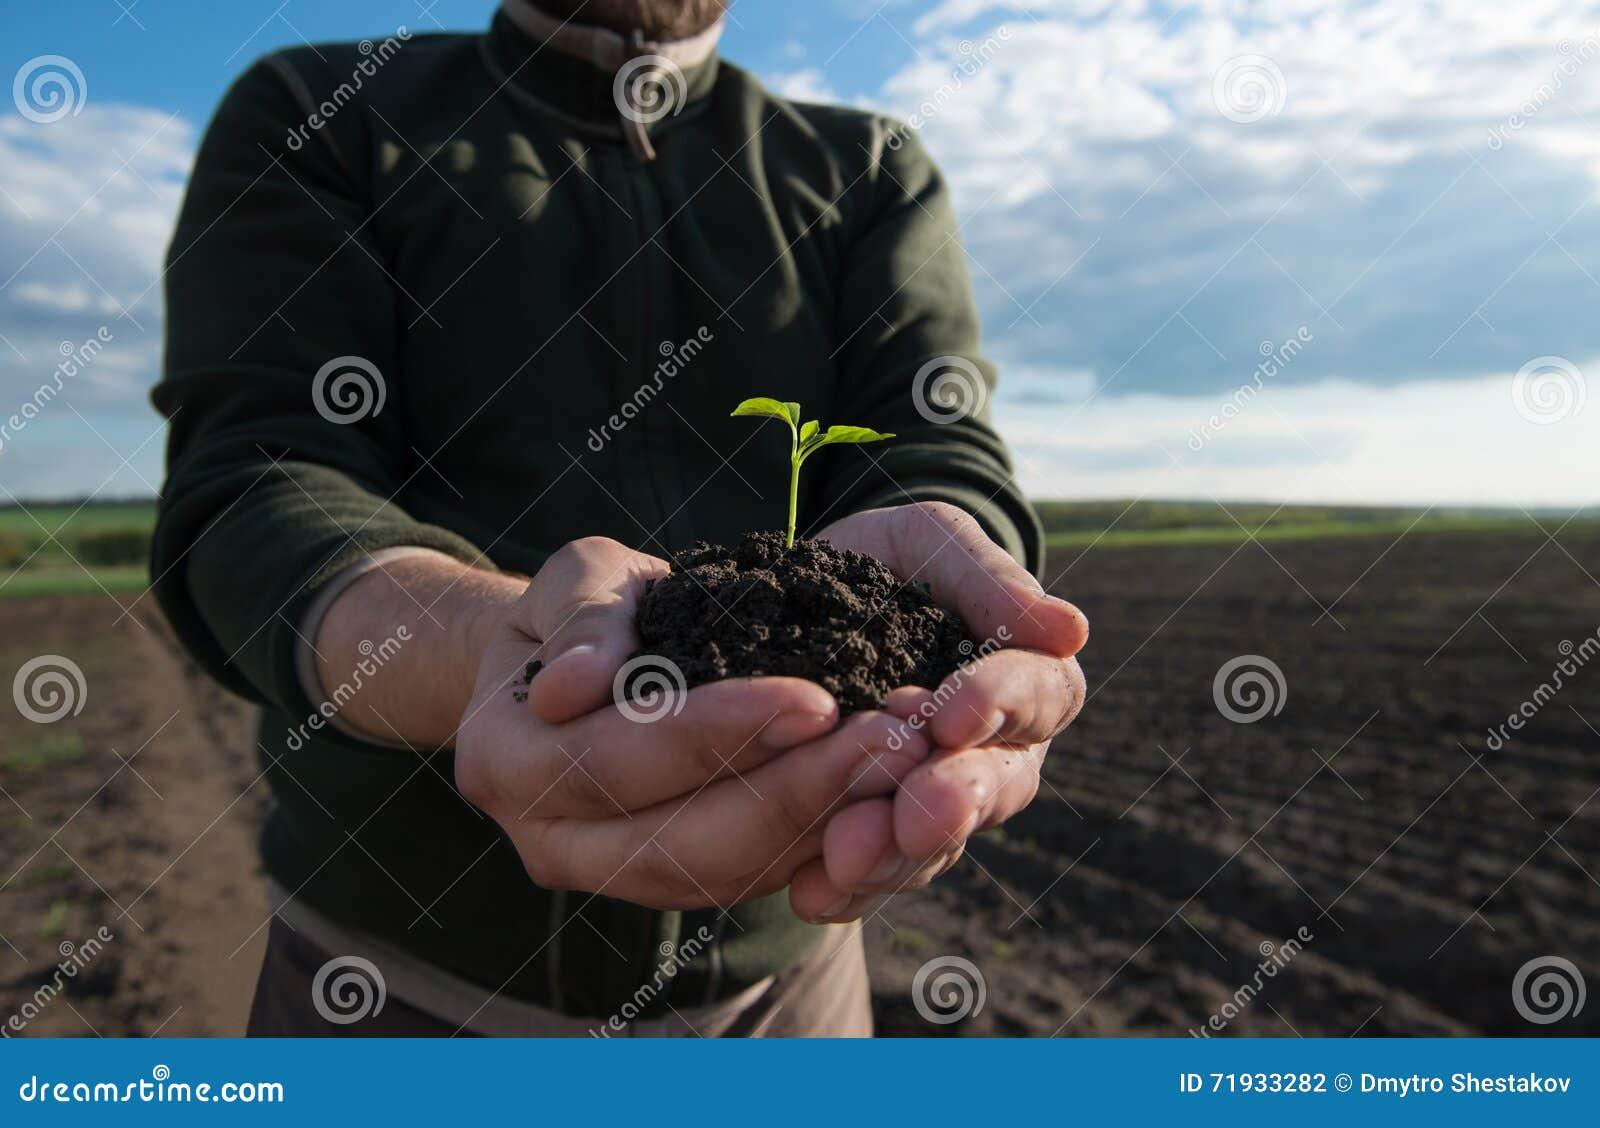 жизни удерживания руки хуторянина консервации детеныши символа завода относящой к окружающей среде свежей новые жизнь новая